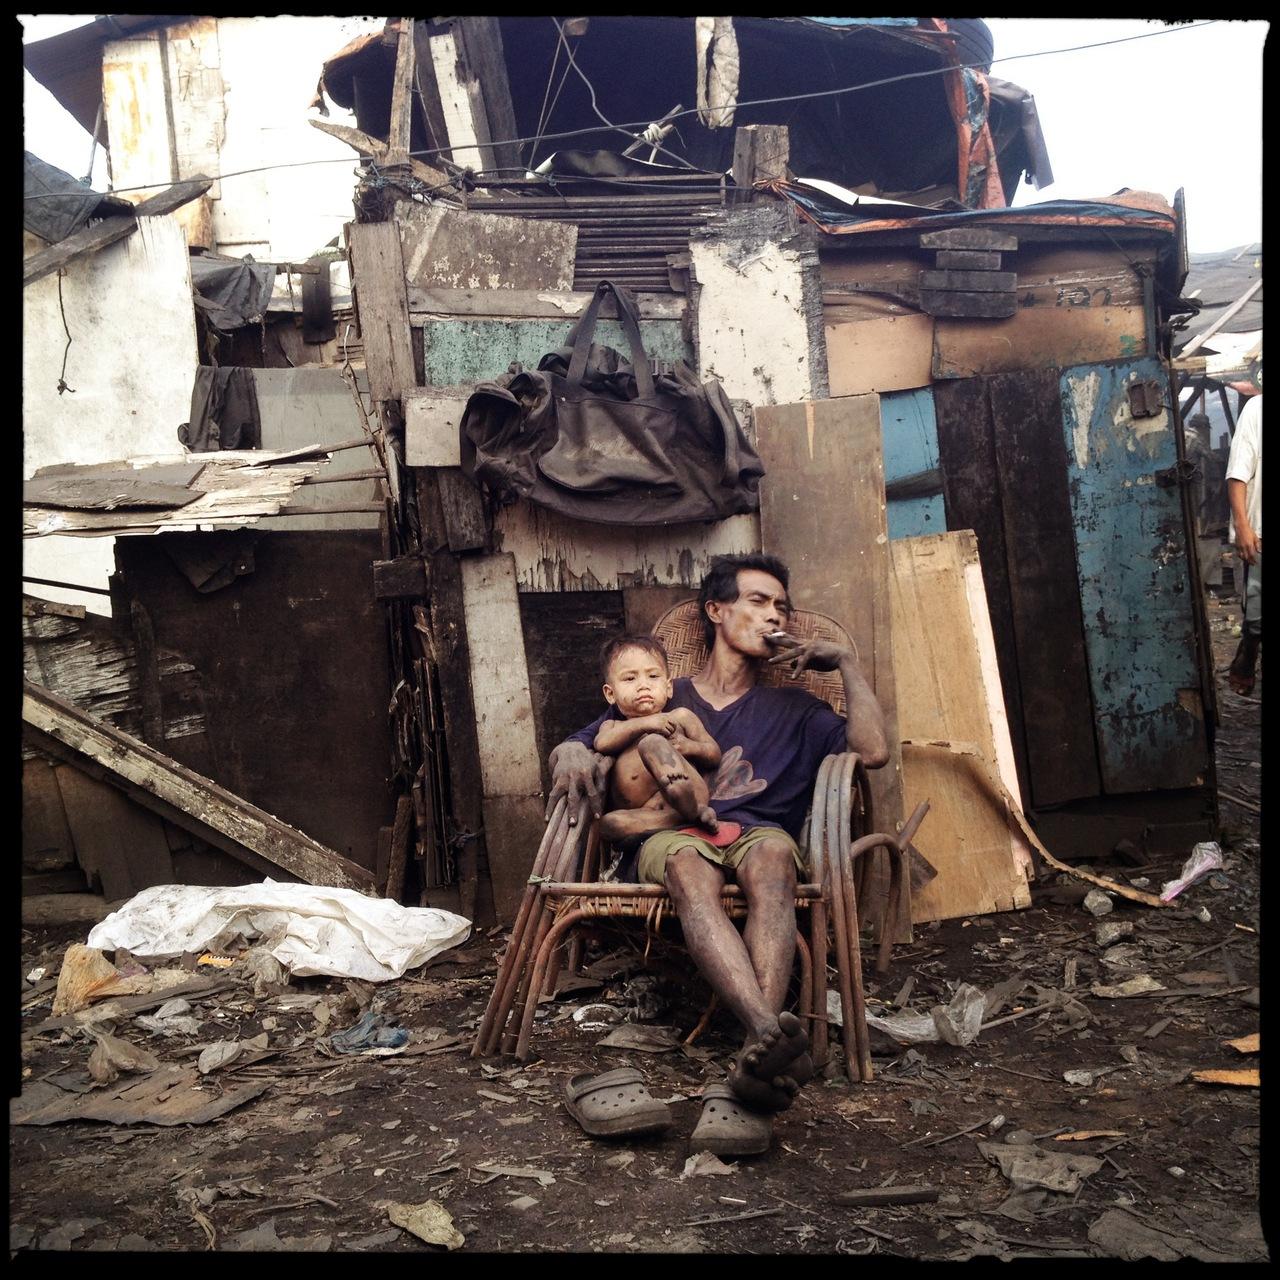 Vitas, Tondo. Circa 2012